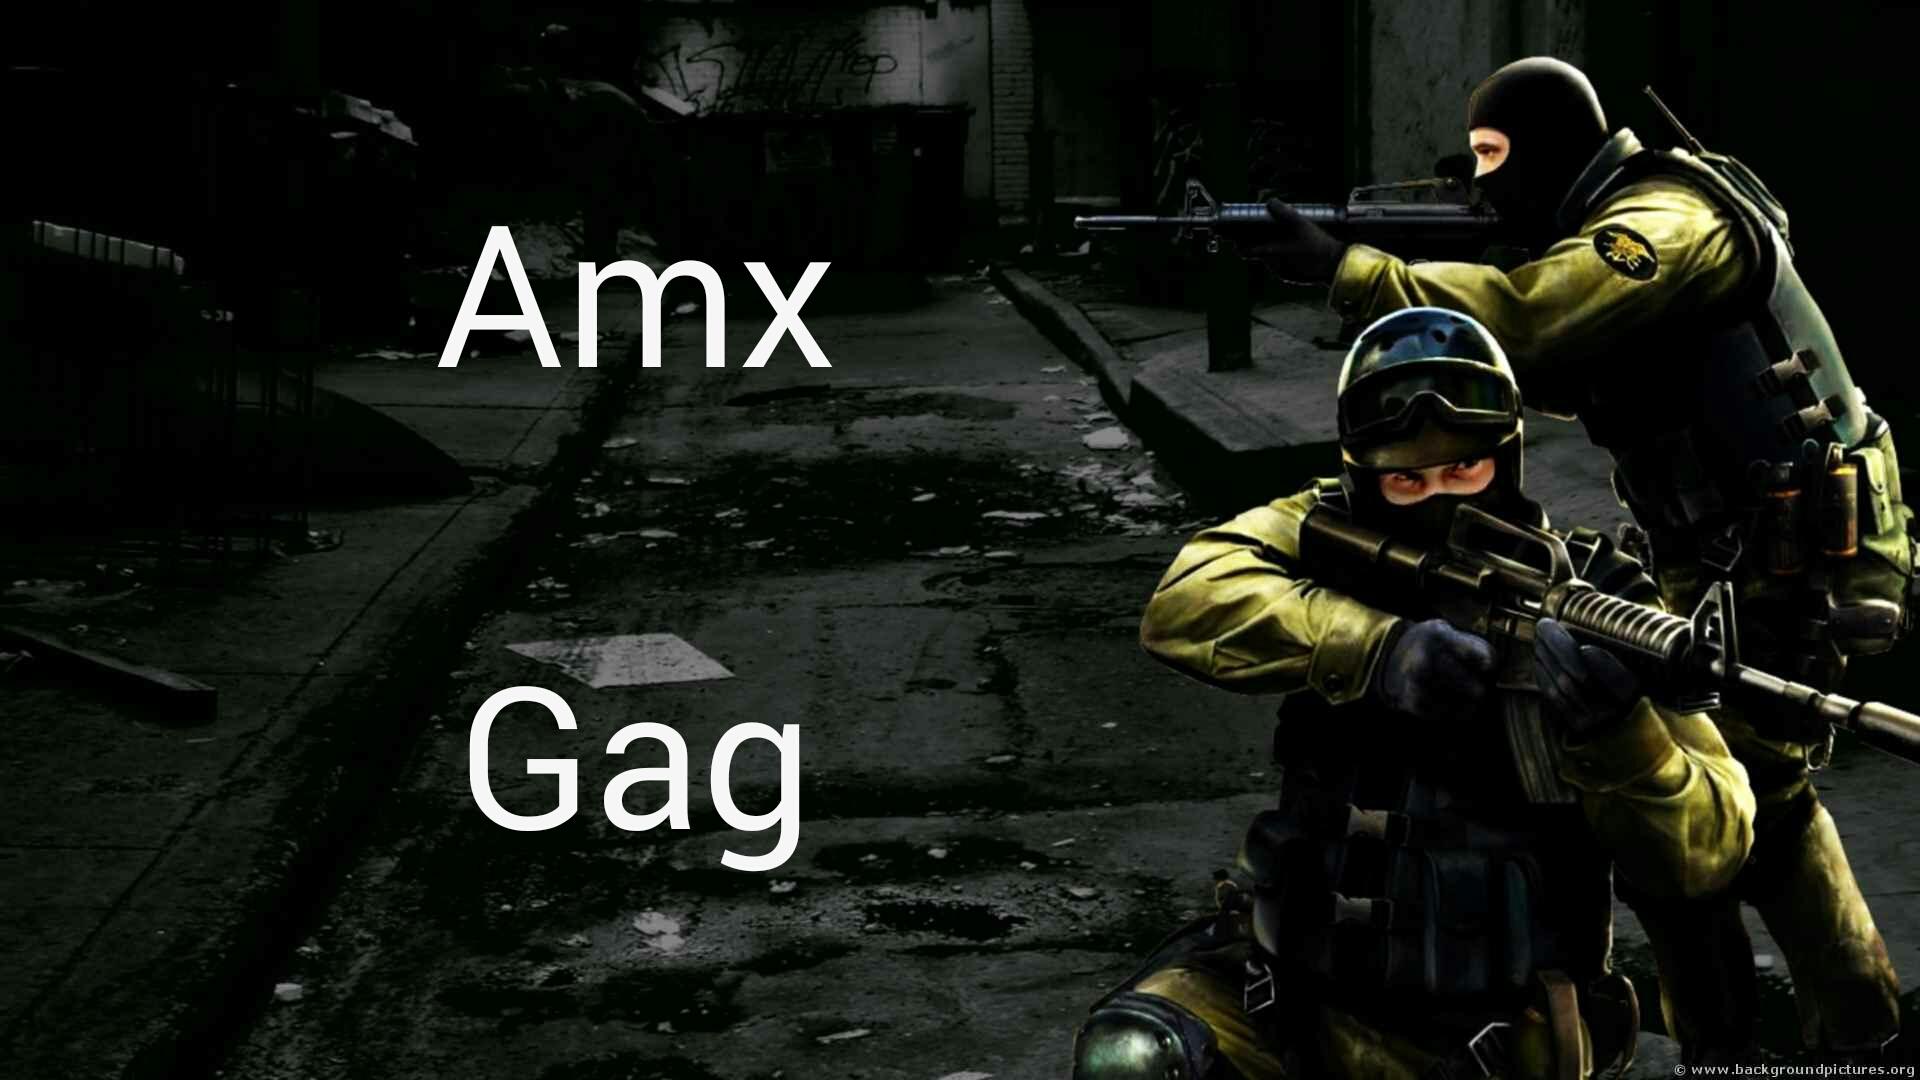 دانلود پلاگین Amx Gag برای کانتر استریک 1.6